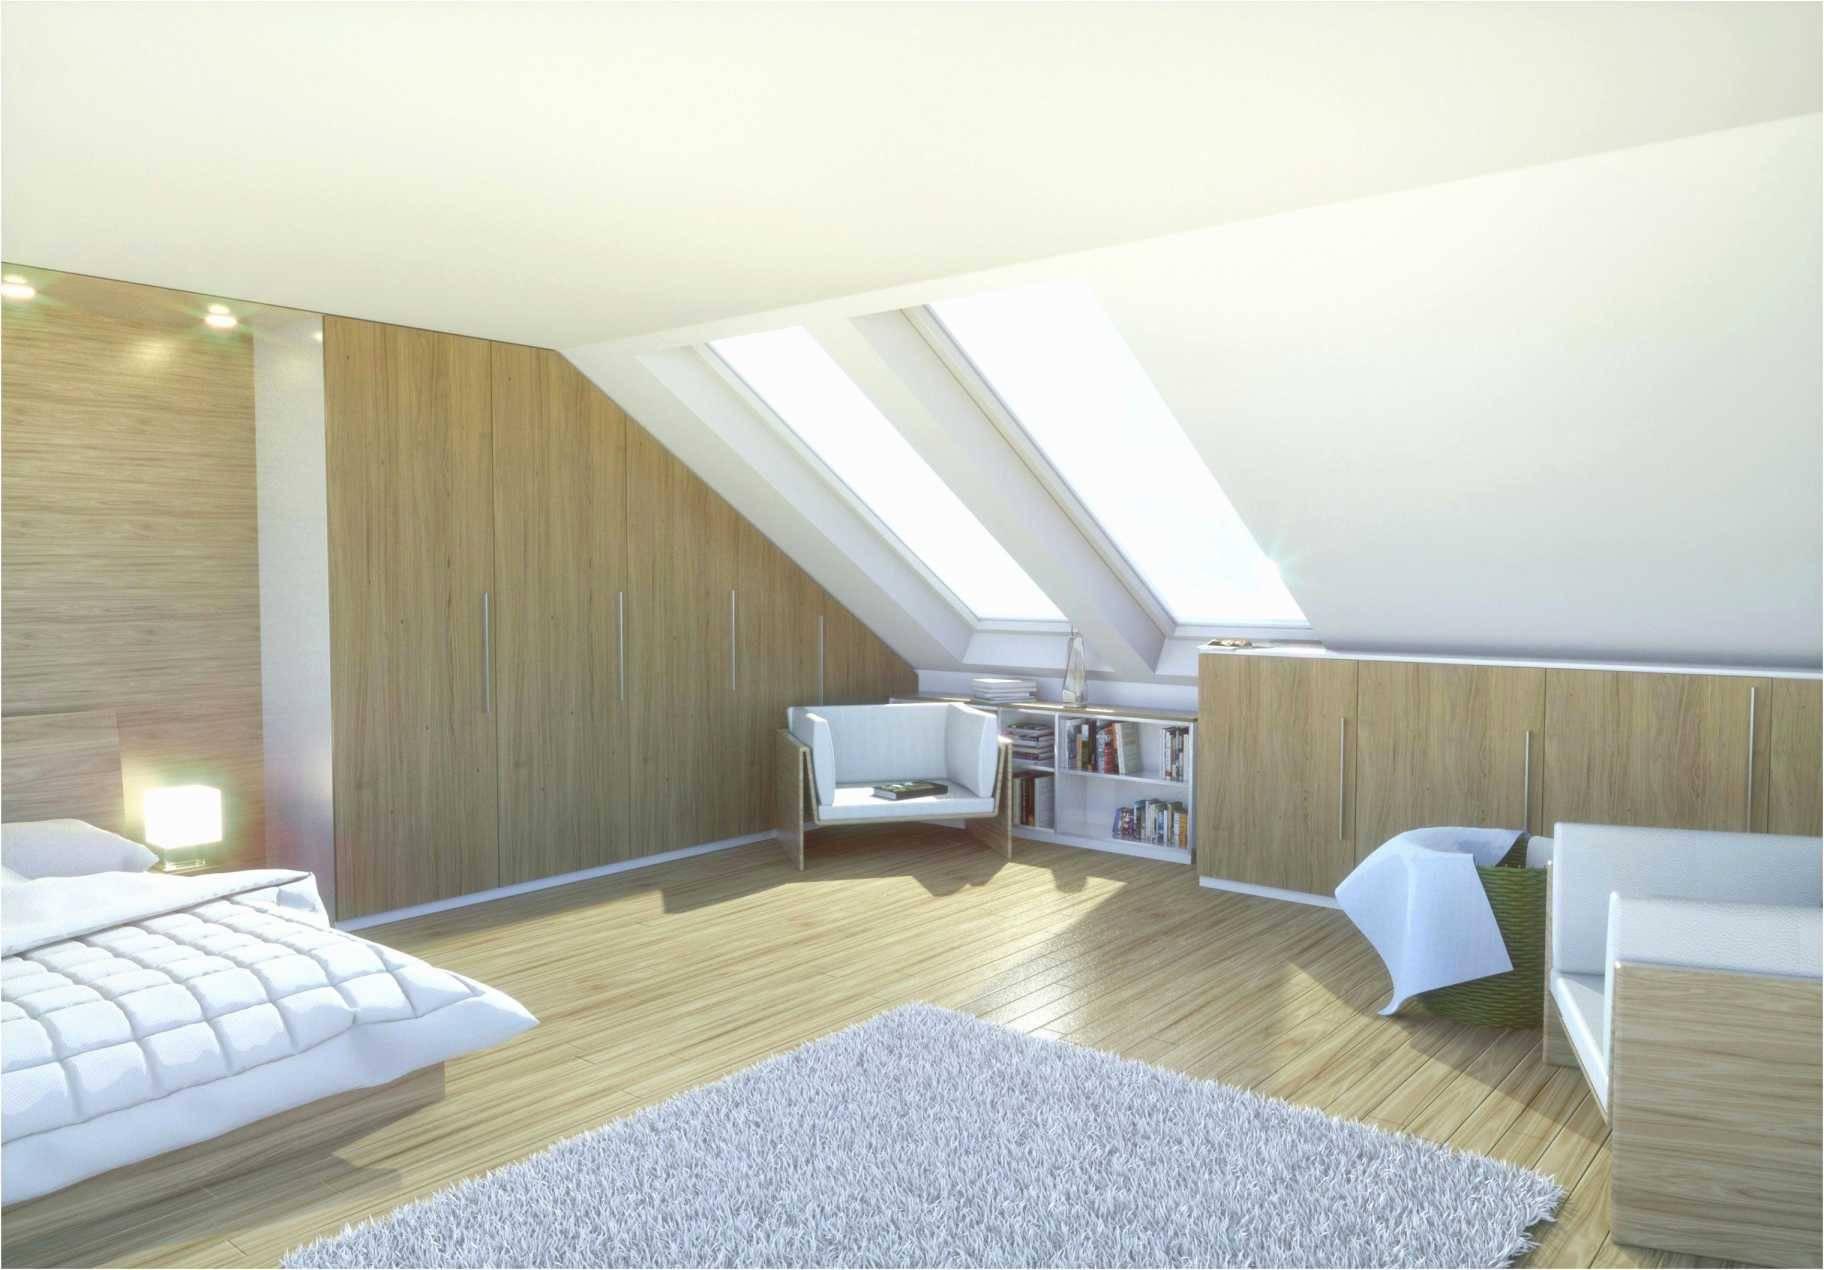 design wohnzimmer regal unique glas deko garten deko ideen diy wunderbar regal schlafzimmer 0d fur of design wohnzimmer regal